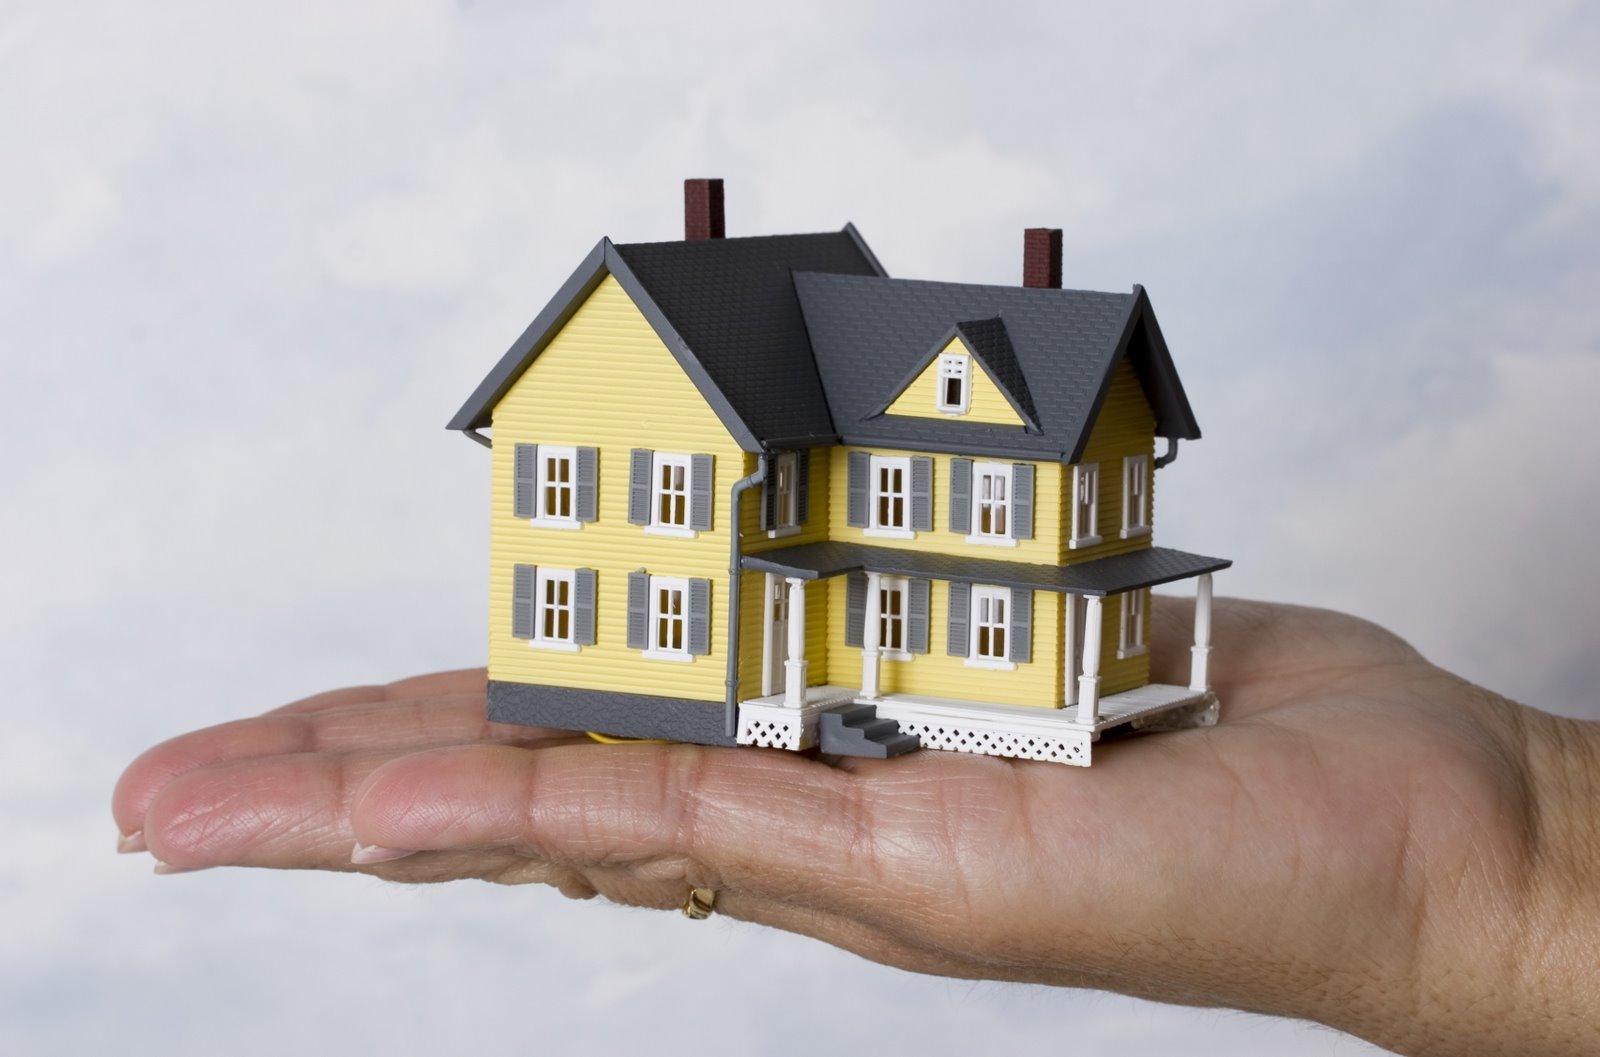 Buscando una casa para alquilar